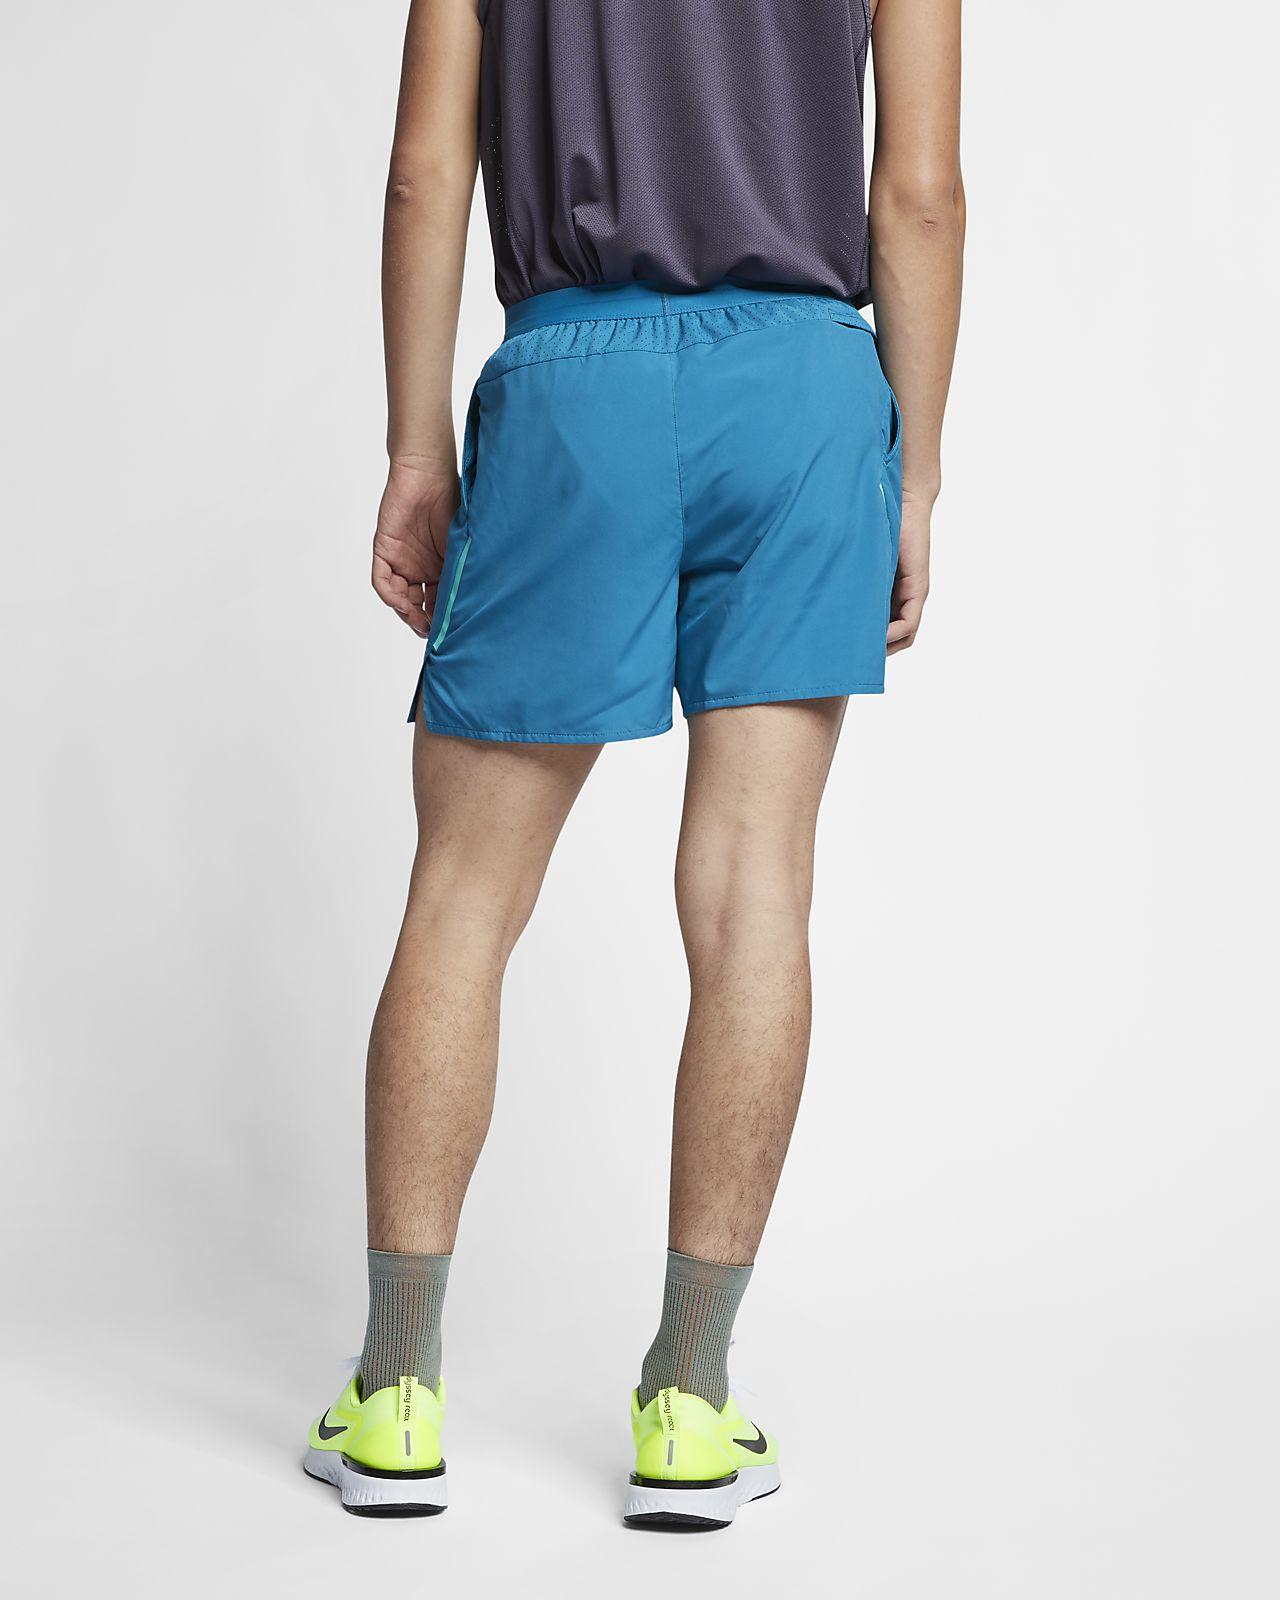 51581b18a18d Lined Running Shorts Nike Flex Stride Men s 5